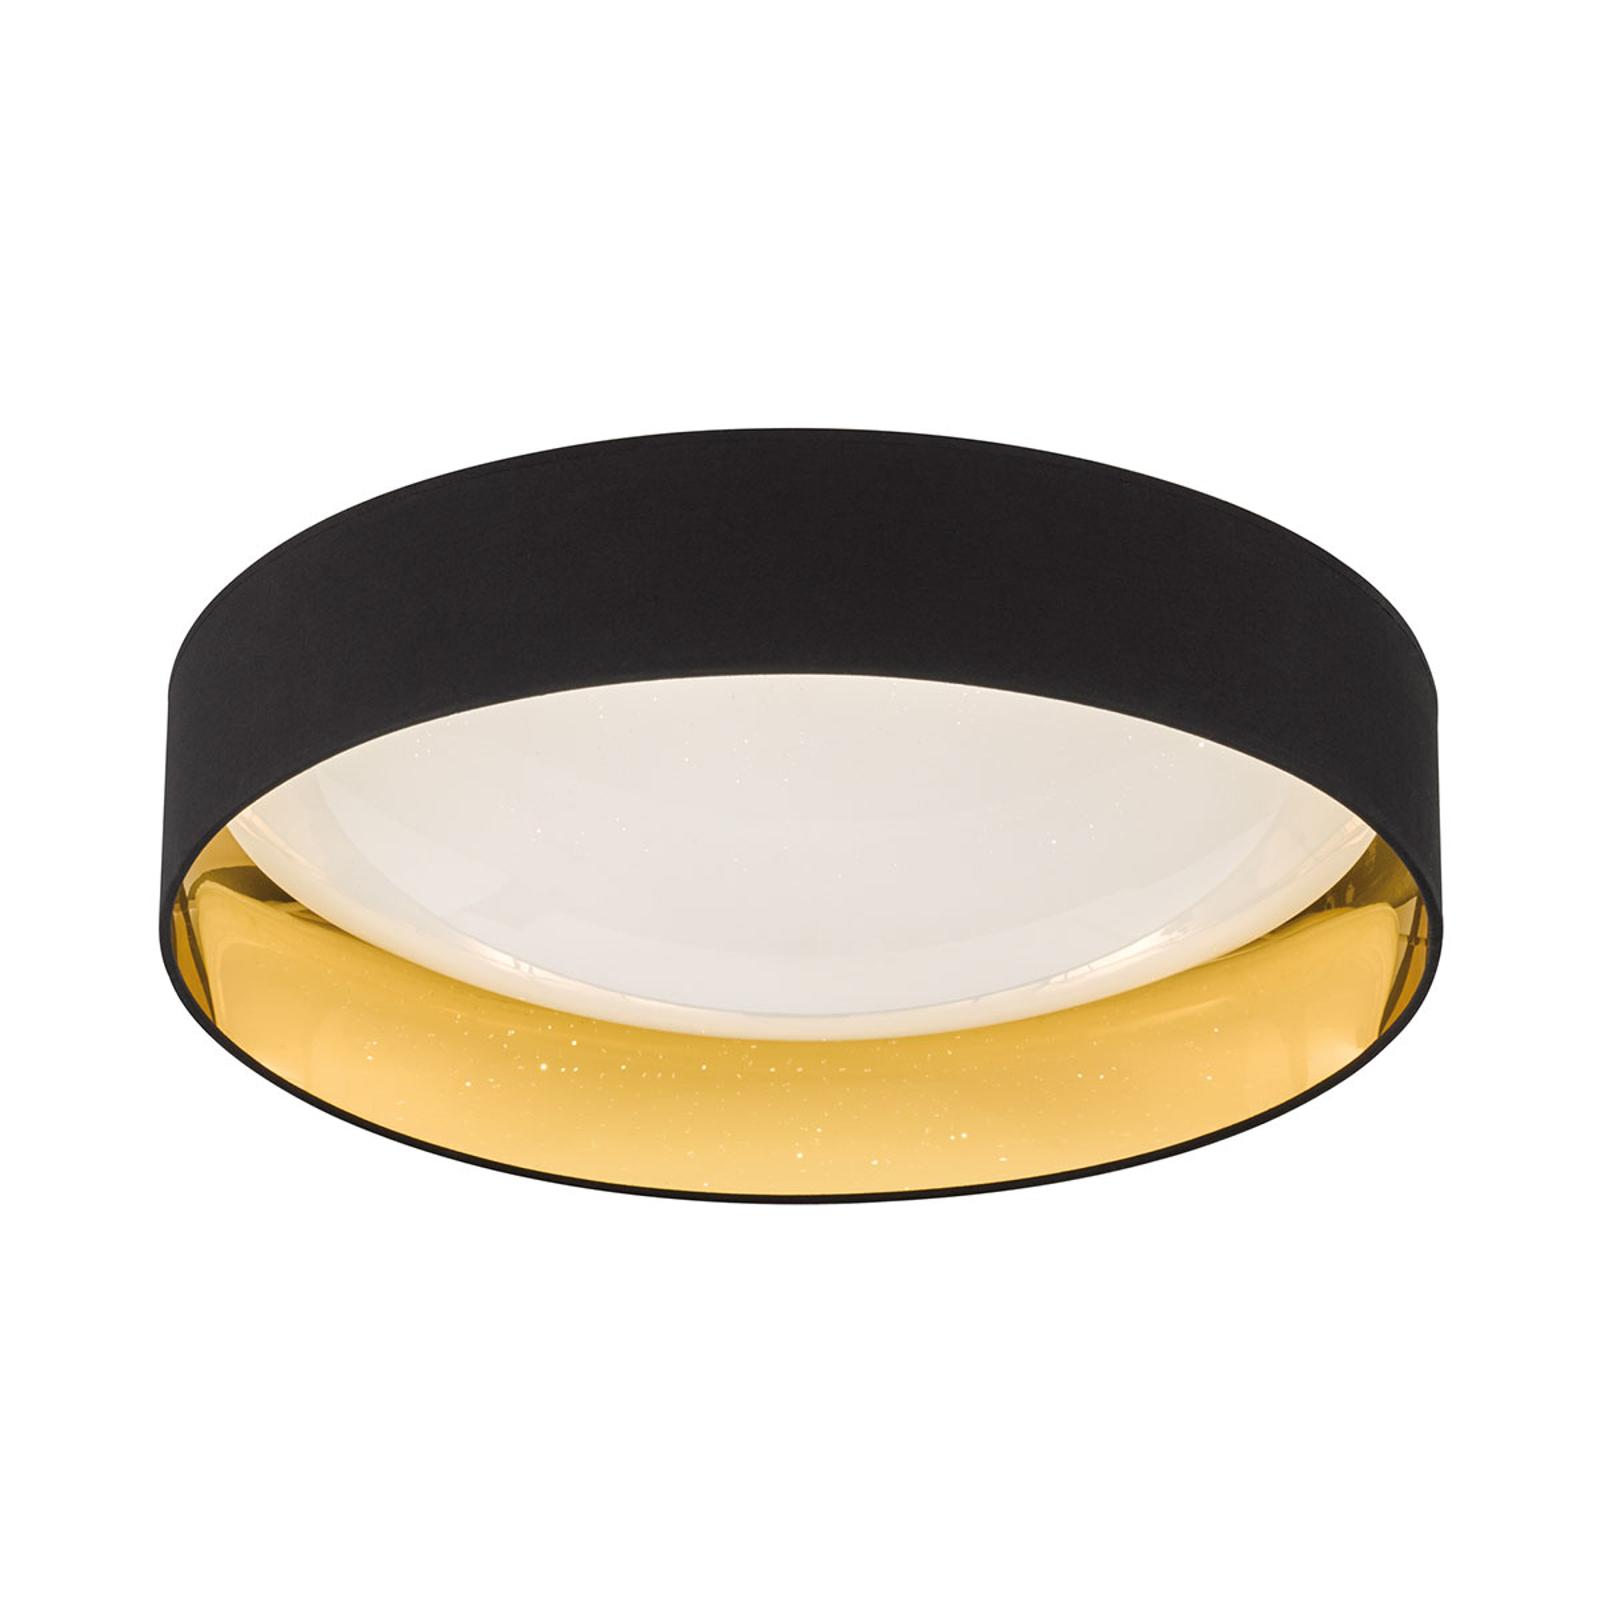 Czarno-złota lampa sufitowa LED Sete Ø 60 cm